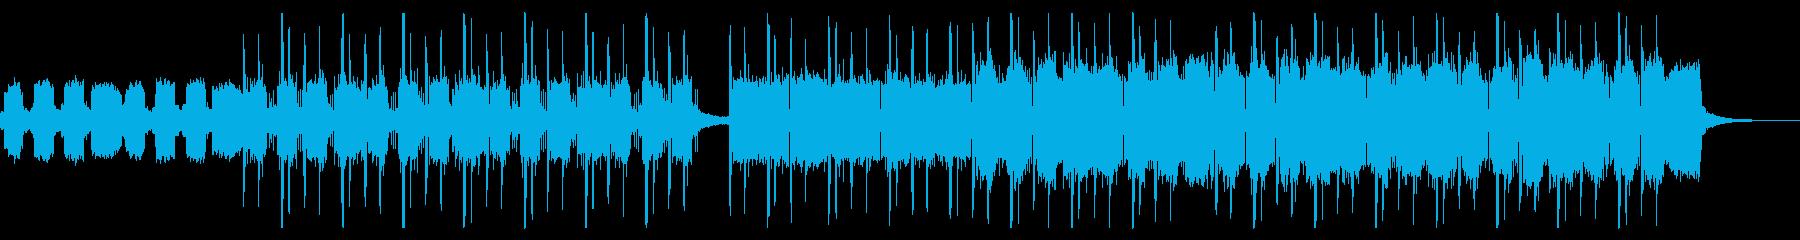 煌びやかかつどっしりとしたトラップの再生済みの波形